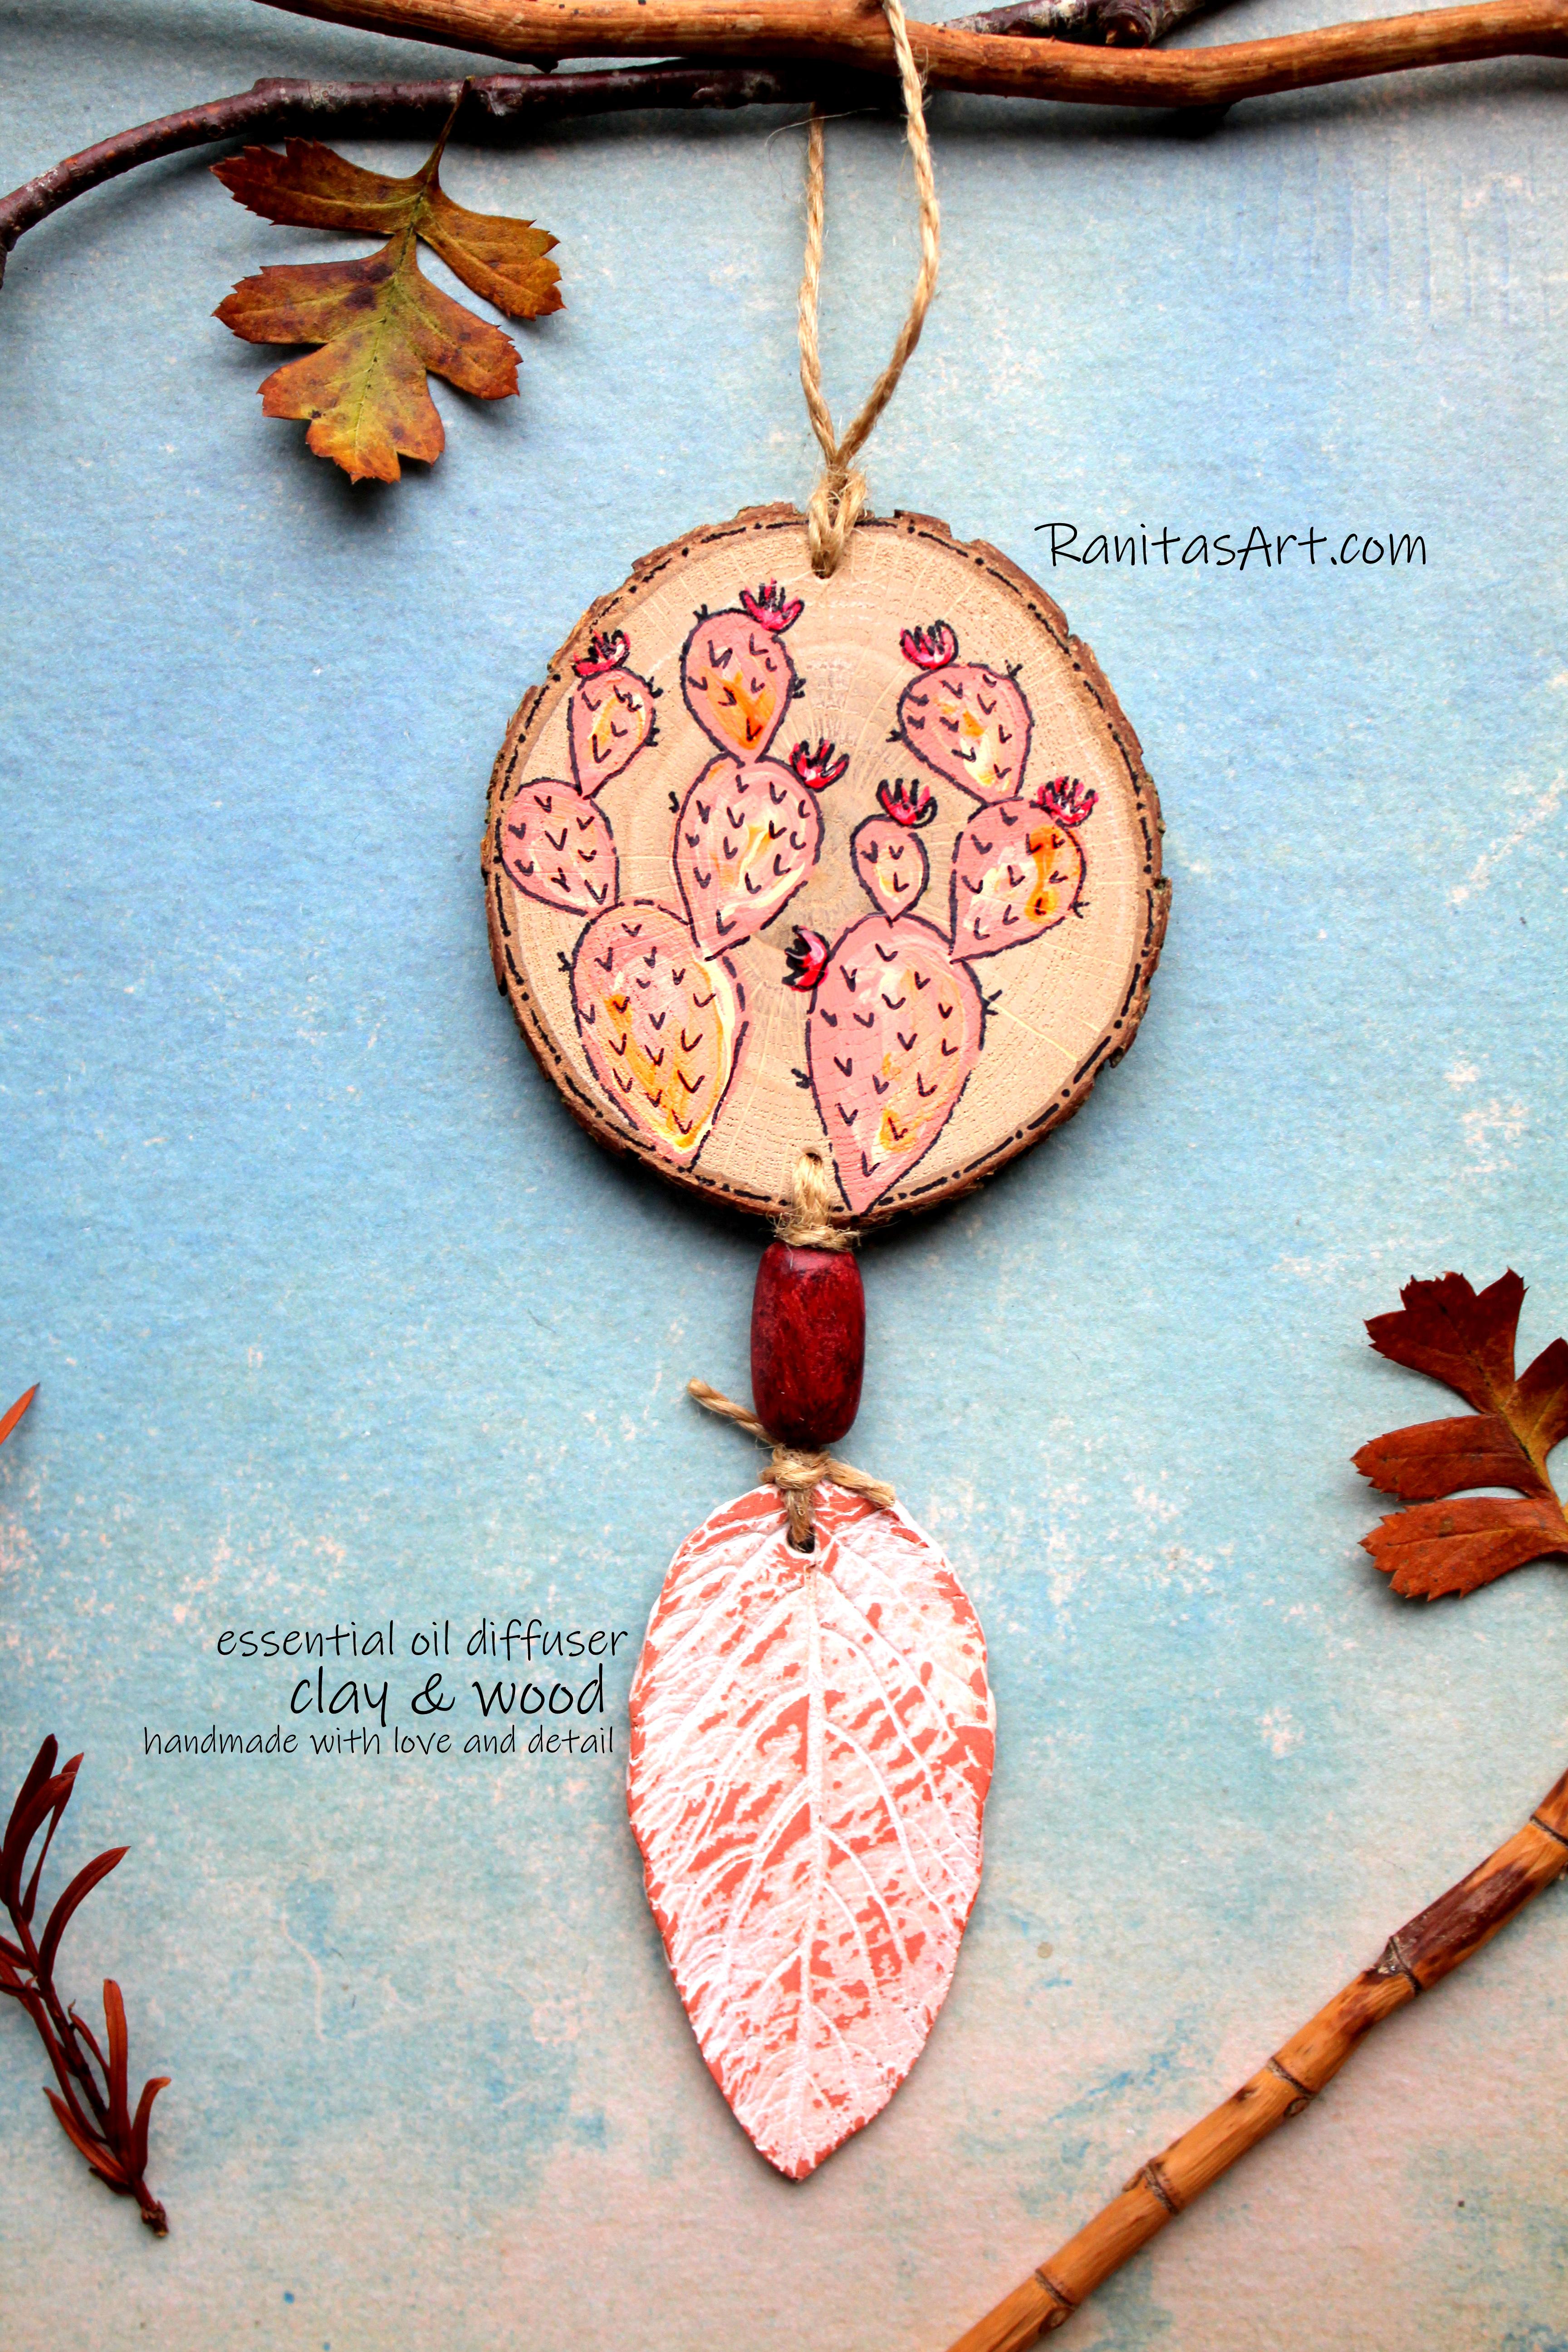 https://www.etsy.com/de/listing/652991526/holz-und-ton-ornament-dekoration?ref=shop_home_active_9&frs=1